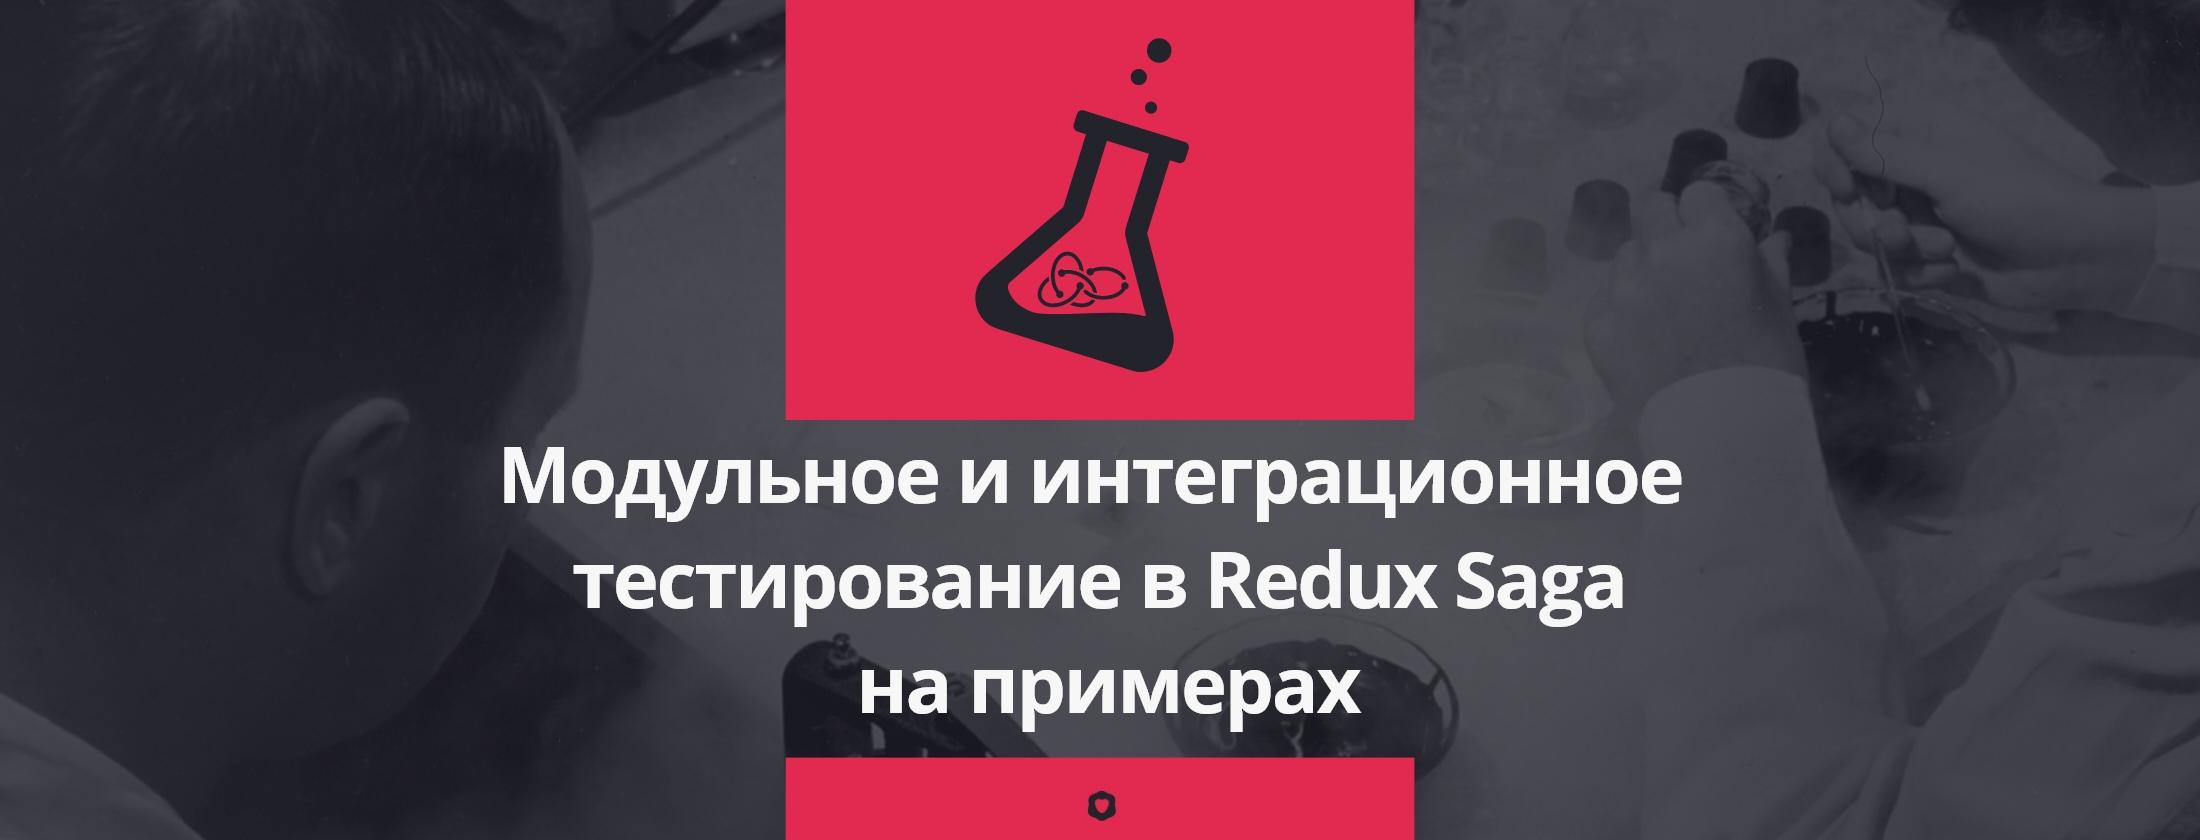 Из песочницы Модульное и интеграционное тестирование в Redux Saga на примерах